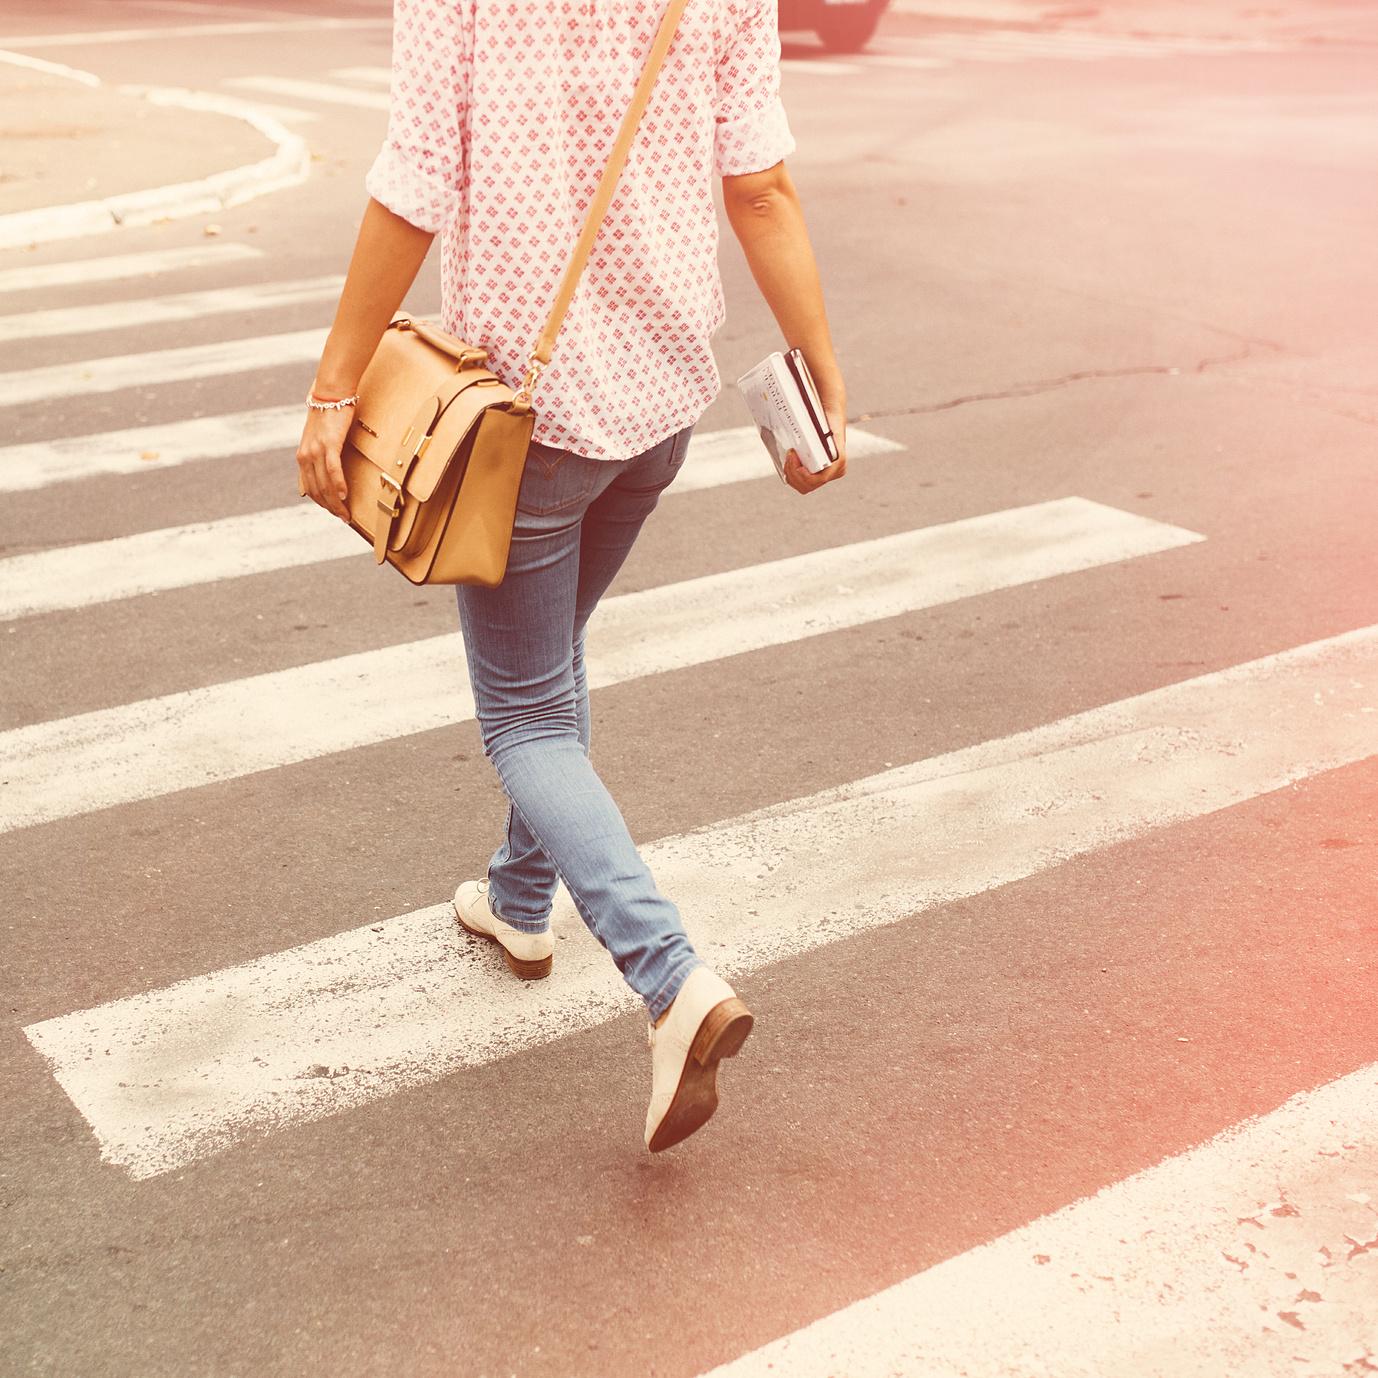 M caminando ciudad